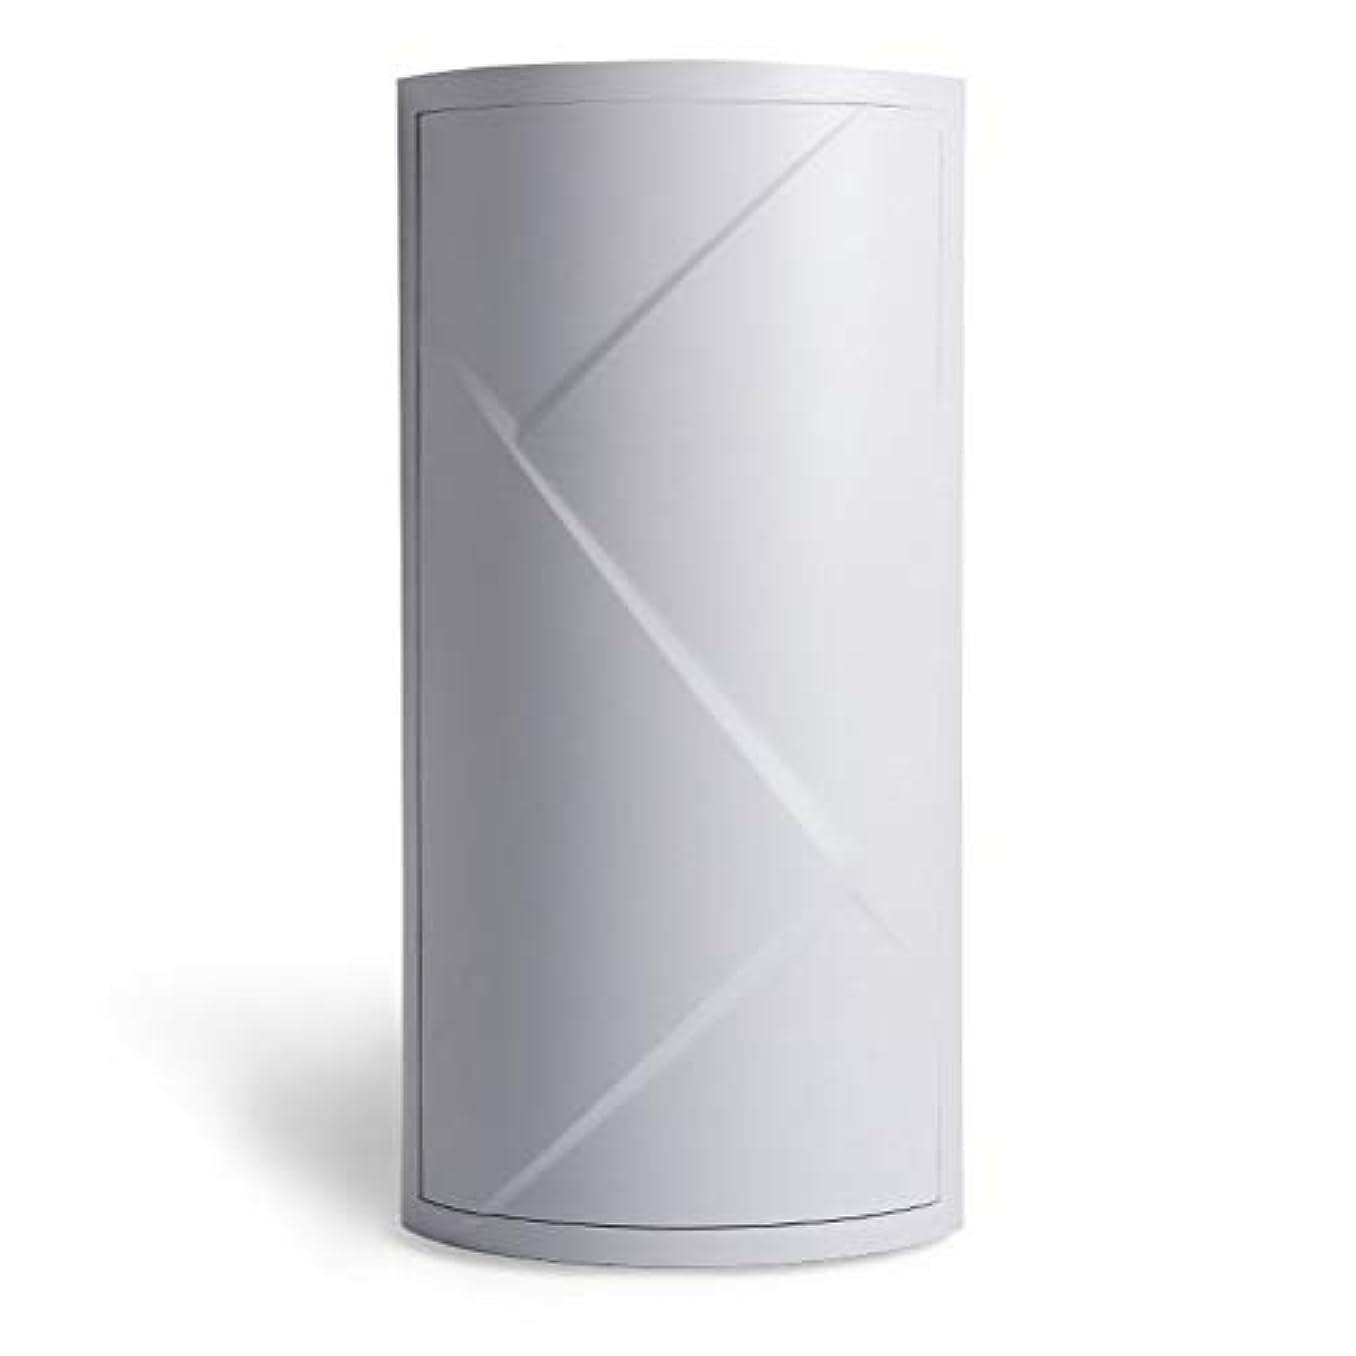 ラップトップエイズタンク化粧品収納ボックス 360度回転式 卓上収納 メイクボックス 3段式 北欧 機能的 洗面台 浴室 水切り 化粧品入れ 鏡台 スキンケア用品 防塵 家庭用 整理簡単 収納抜群 キチン収納 多容量 オシャレ